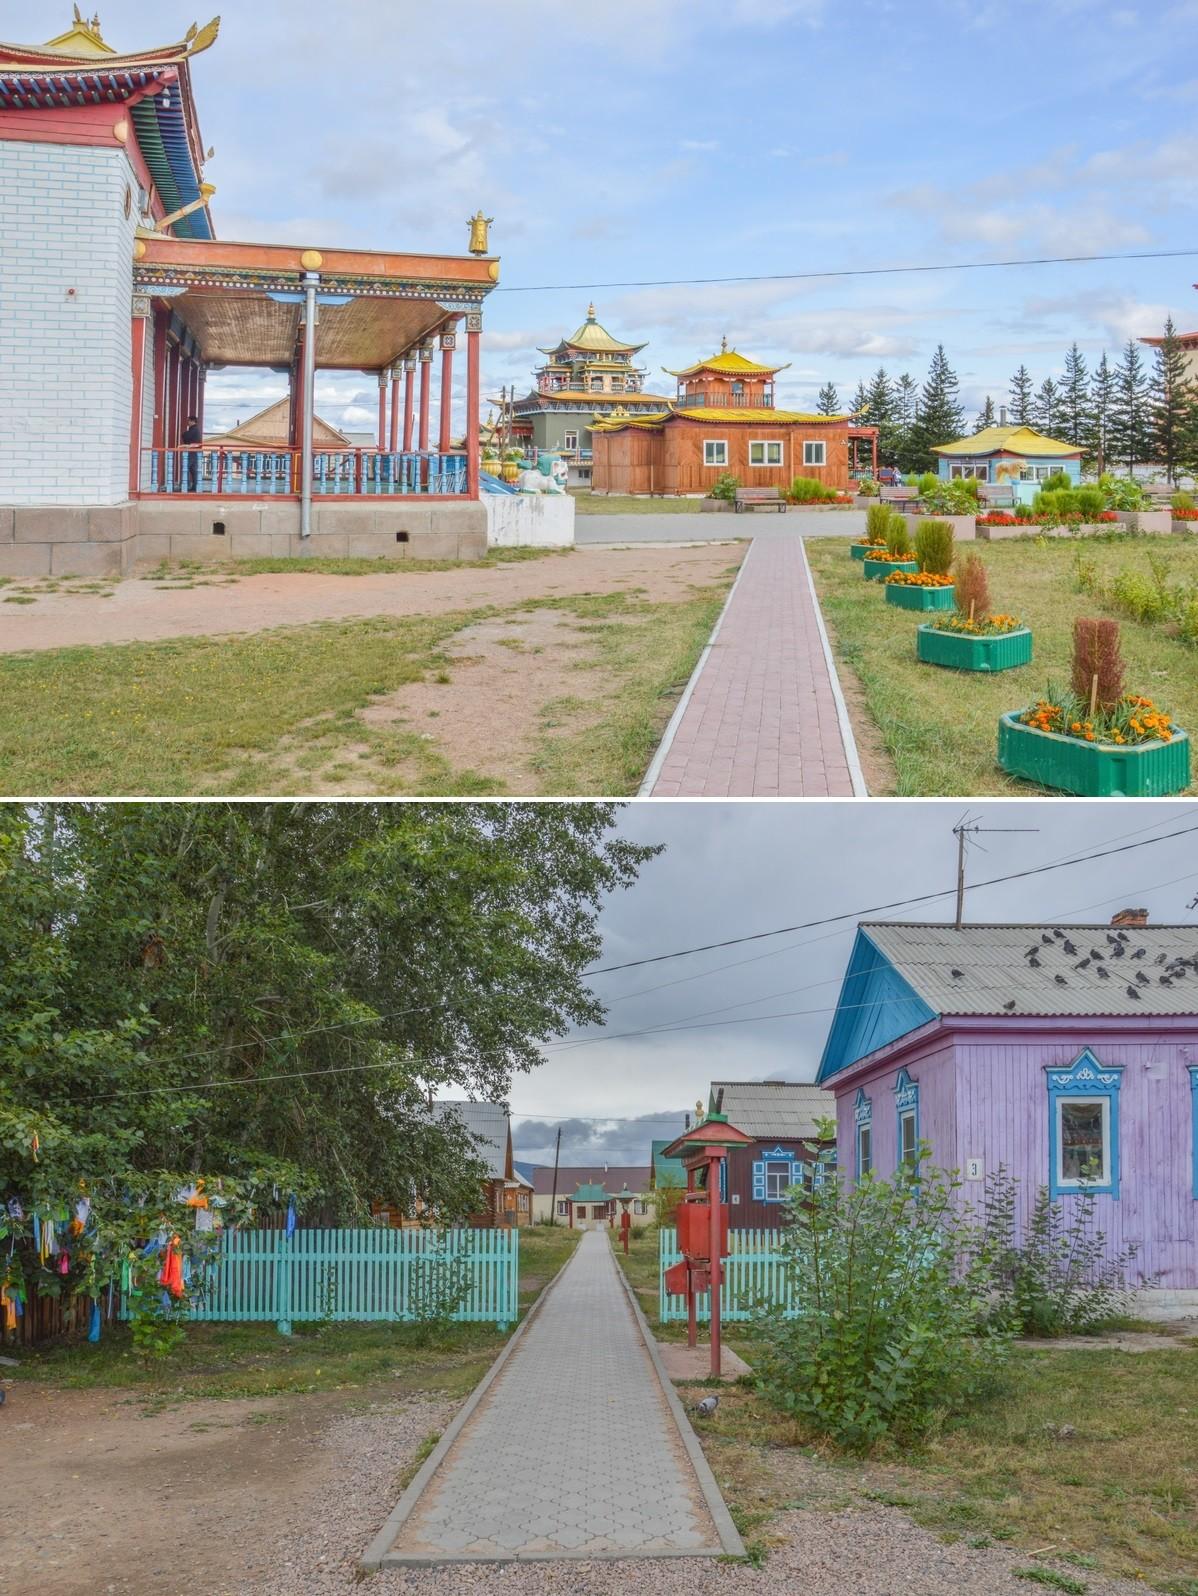 Le monastère a été fondé en 1945 après qu'un cheval blanc en aurait indiqué l'emplacement. Son édification a ainsi permis à la foi bouddhiste de renaître de ses cendres, suite à la destructrice politique antireligieuse des premières heures de l'URSS.